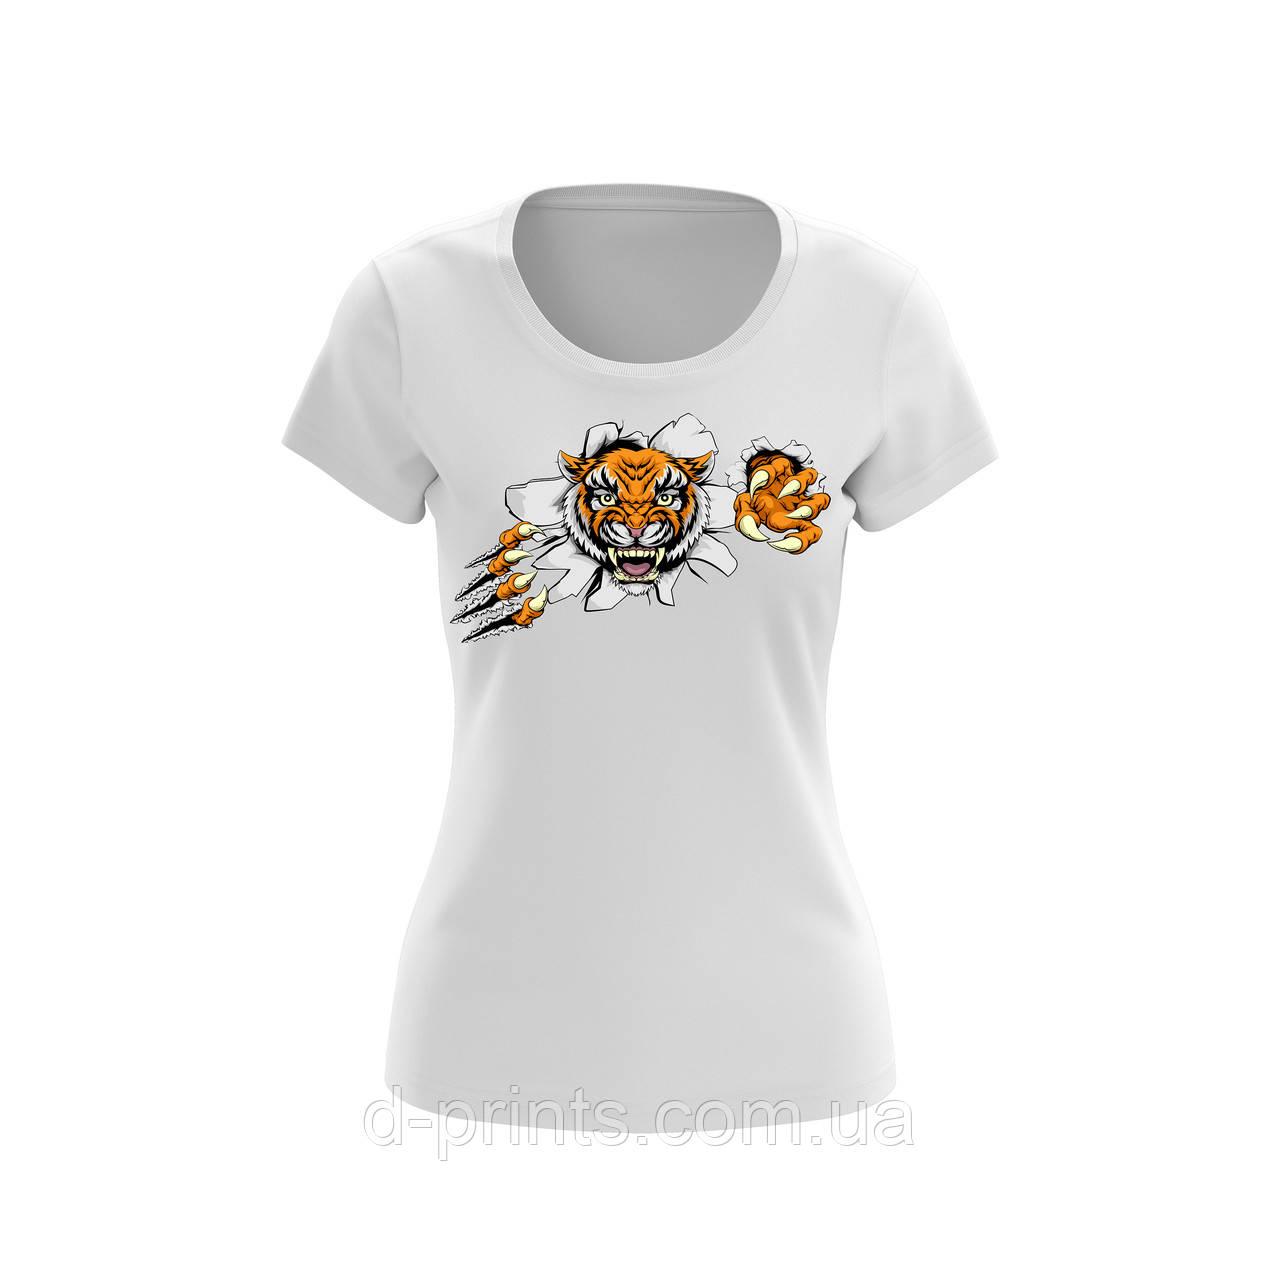 """Футболка женская с рисунком """"Тигр"""""""